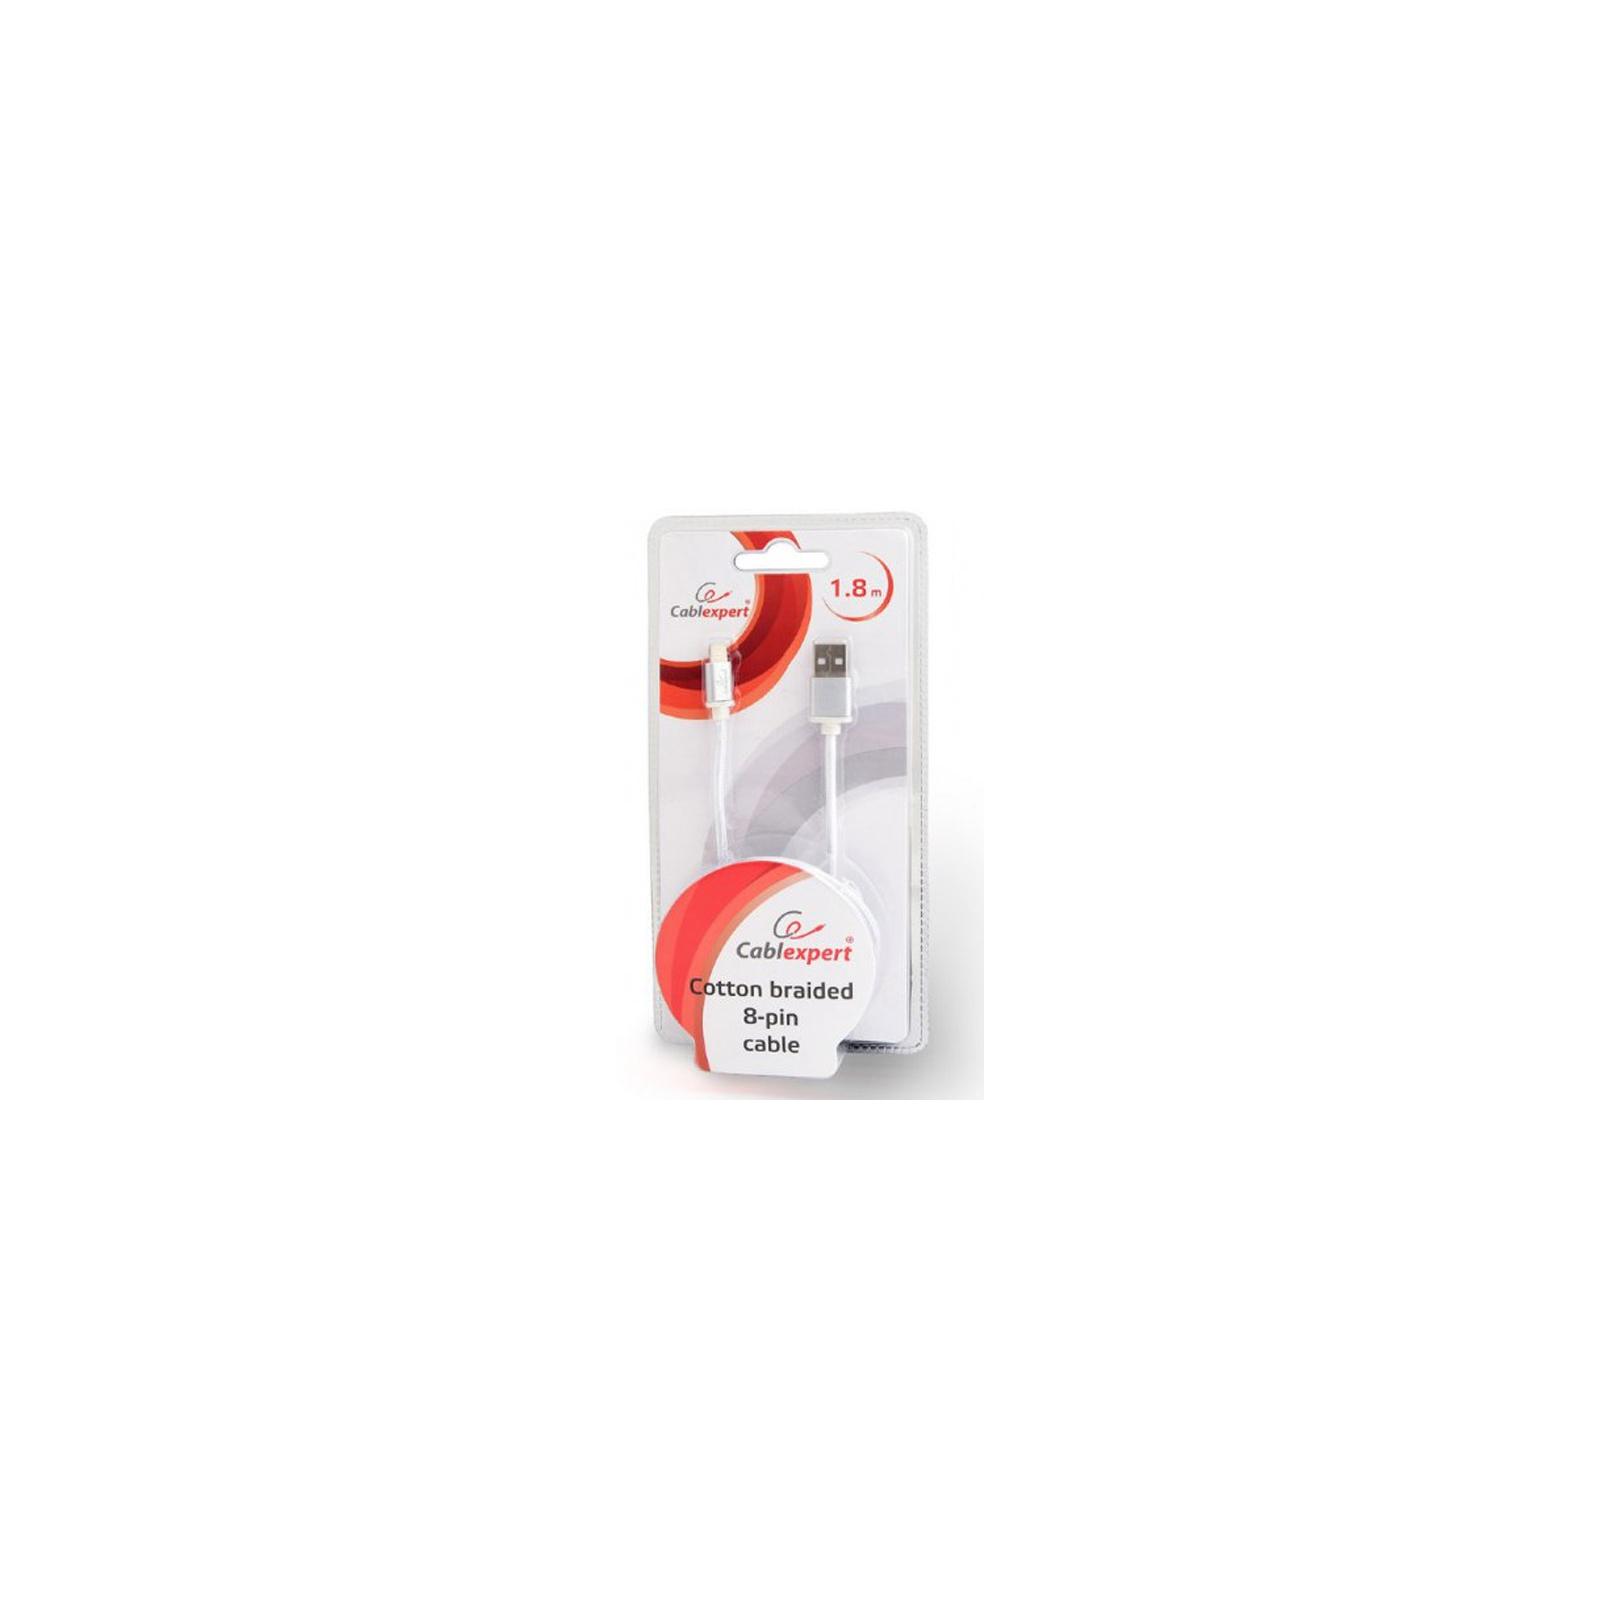 Дата кабель USB 2.0 AM to Lightning 1.8m Cablexpert (CCB-mUSB2B-AMLM-6) изображение 3